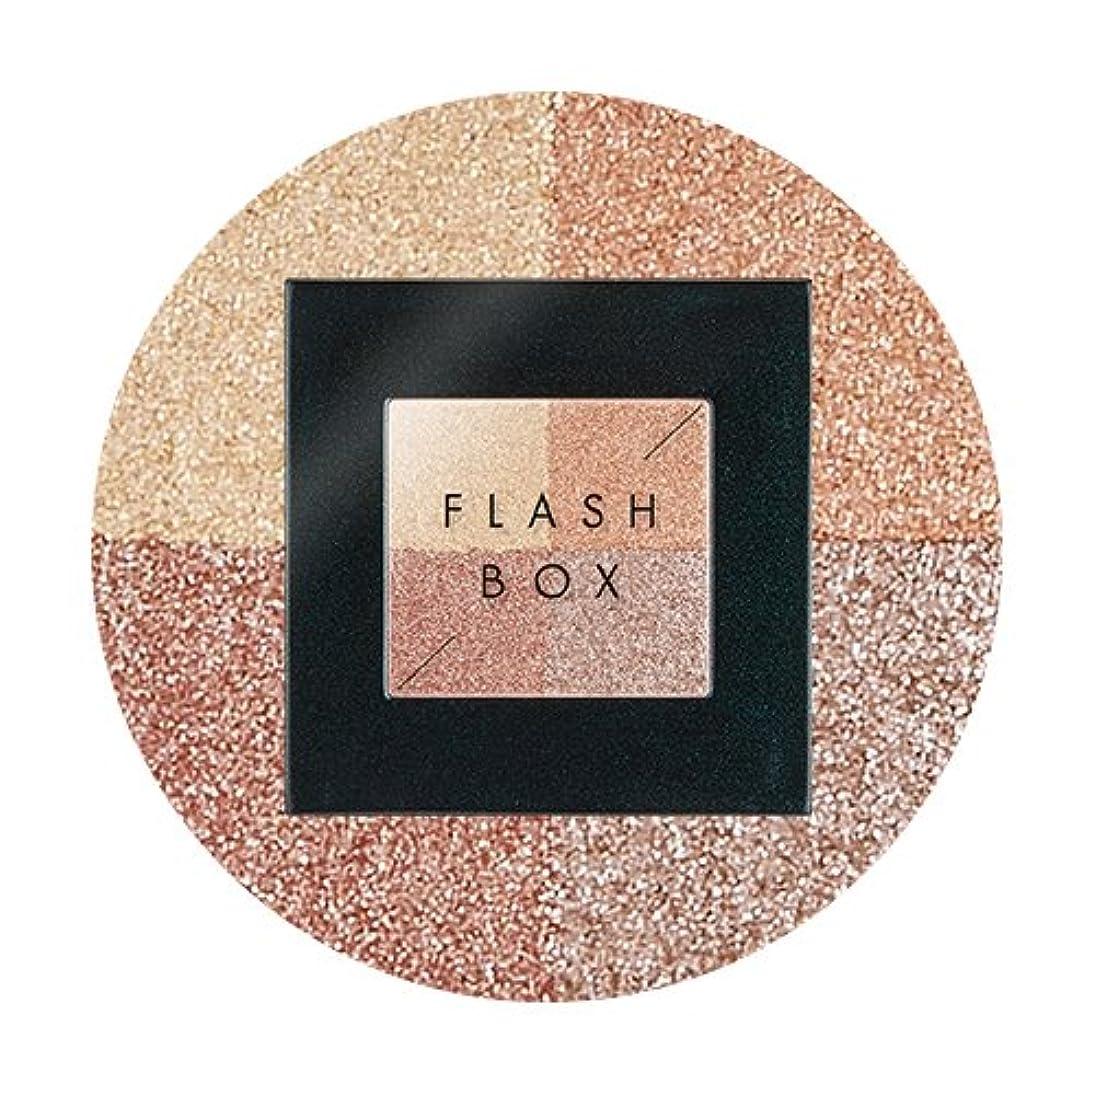 前部めまい怒っているAPIEU Flash Box (#2 Lustering Time) / [アピュ/オピュ] フラッシュボックス [並行輸入品]